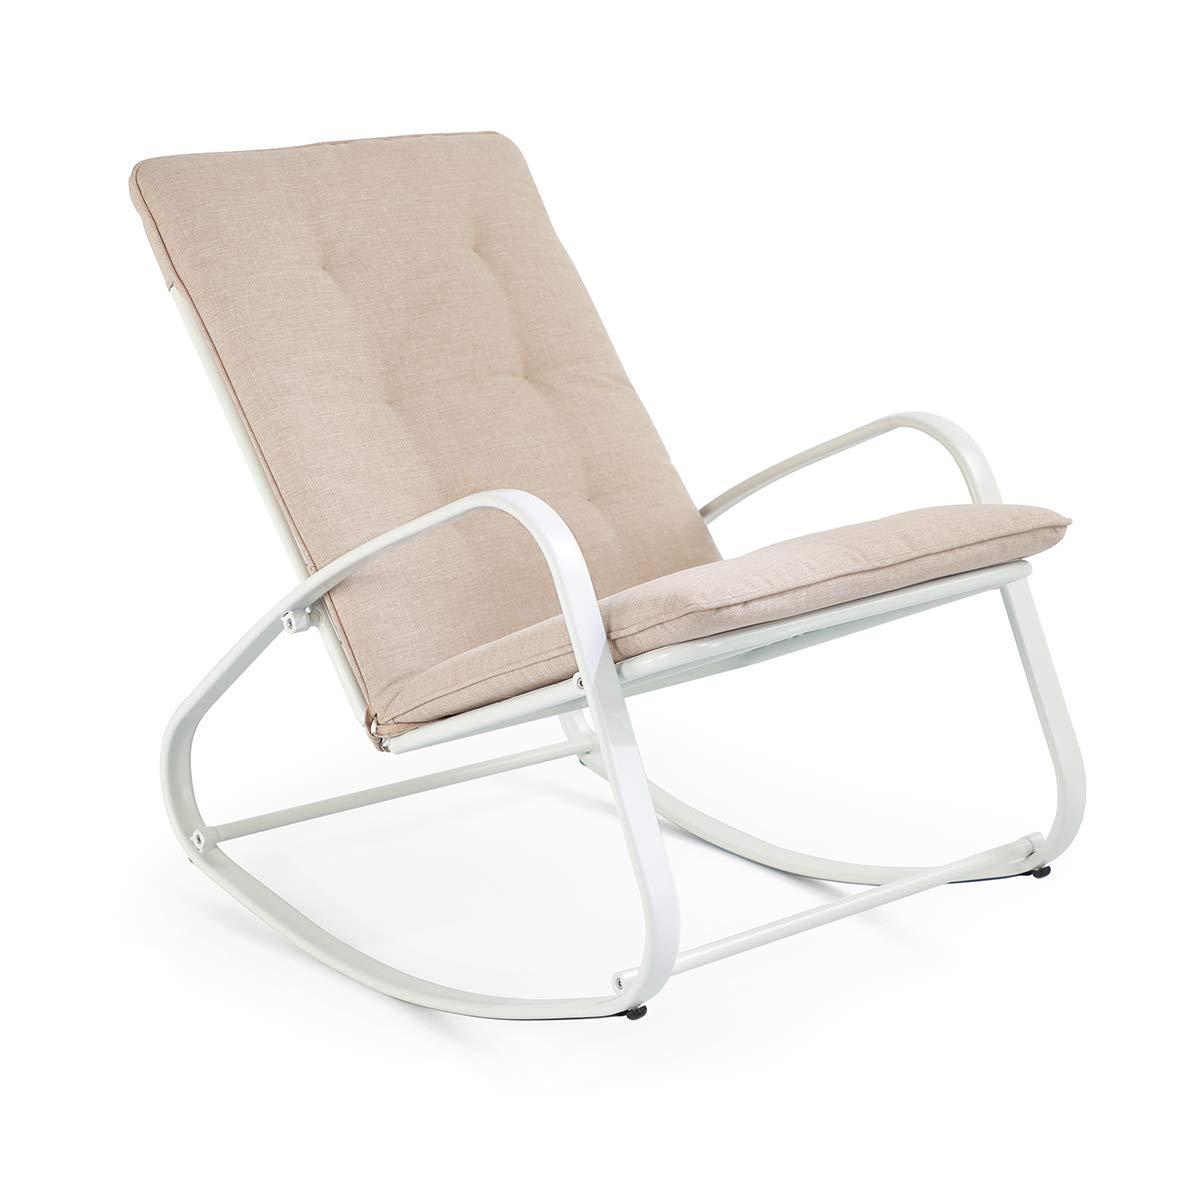 SUNDO Outdoor Schaukelstuhl, Schwingsessel, Schaukelliege mit Kissen, Gepolsterter Relax-Sessel, Gartenstuhl mit Armlehne, Gestell aus Stahl (Weiß) Bild